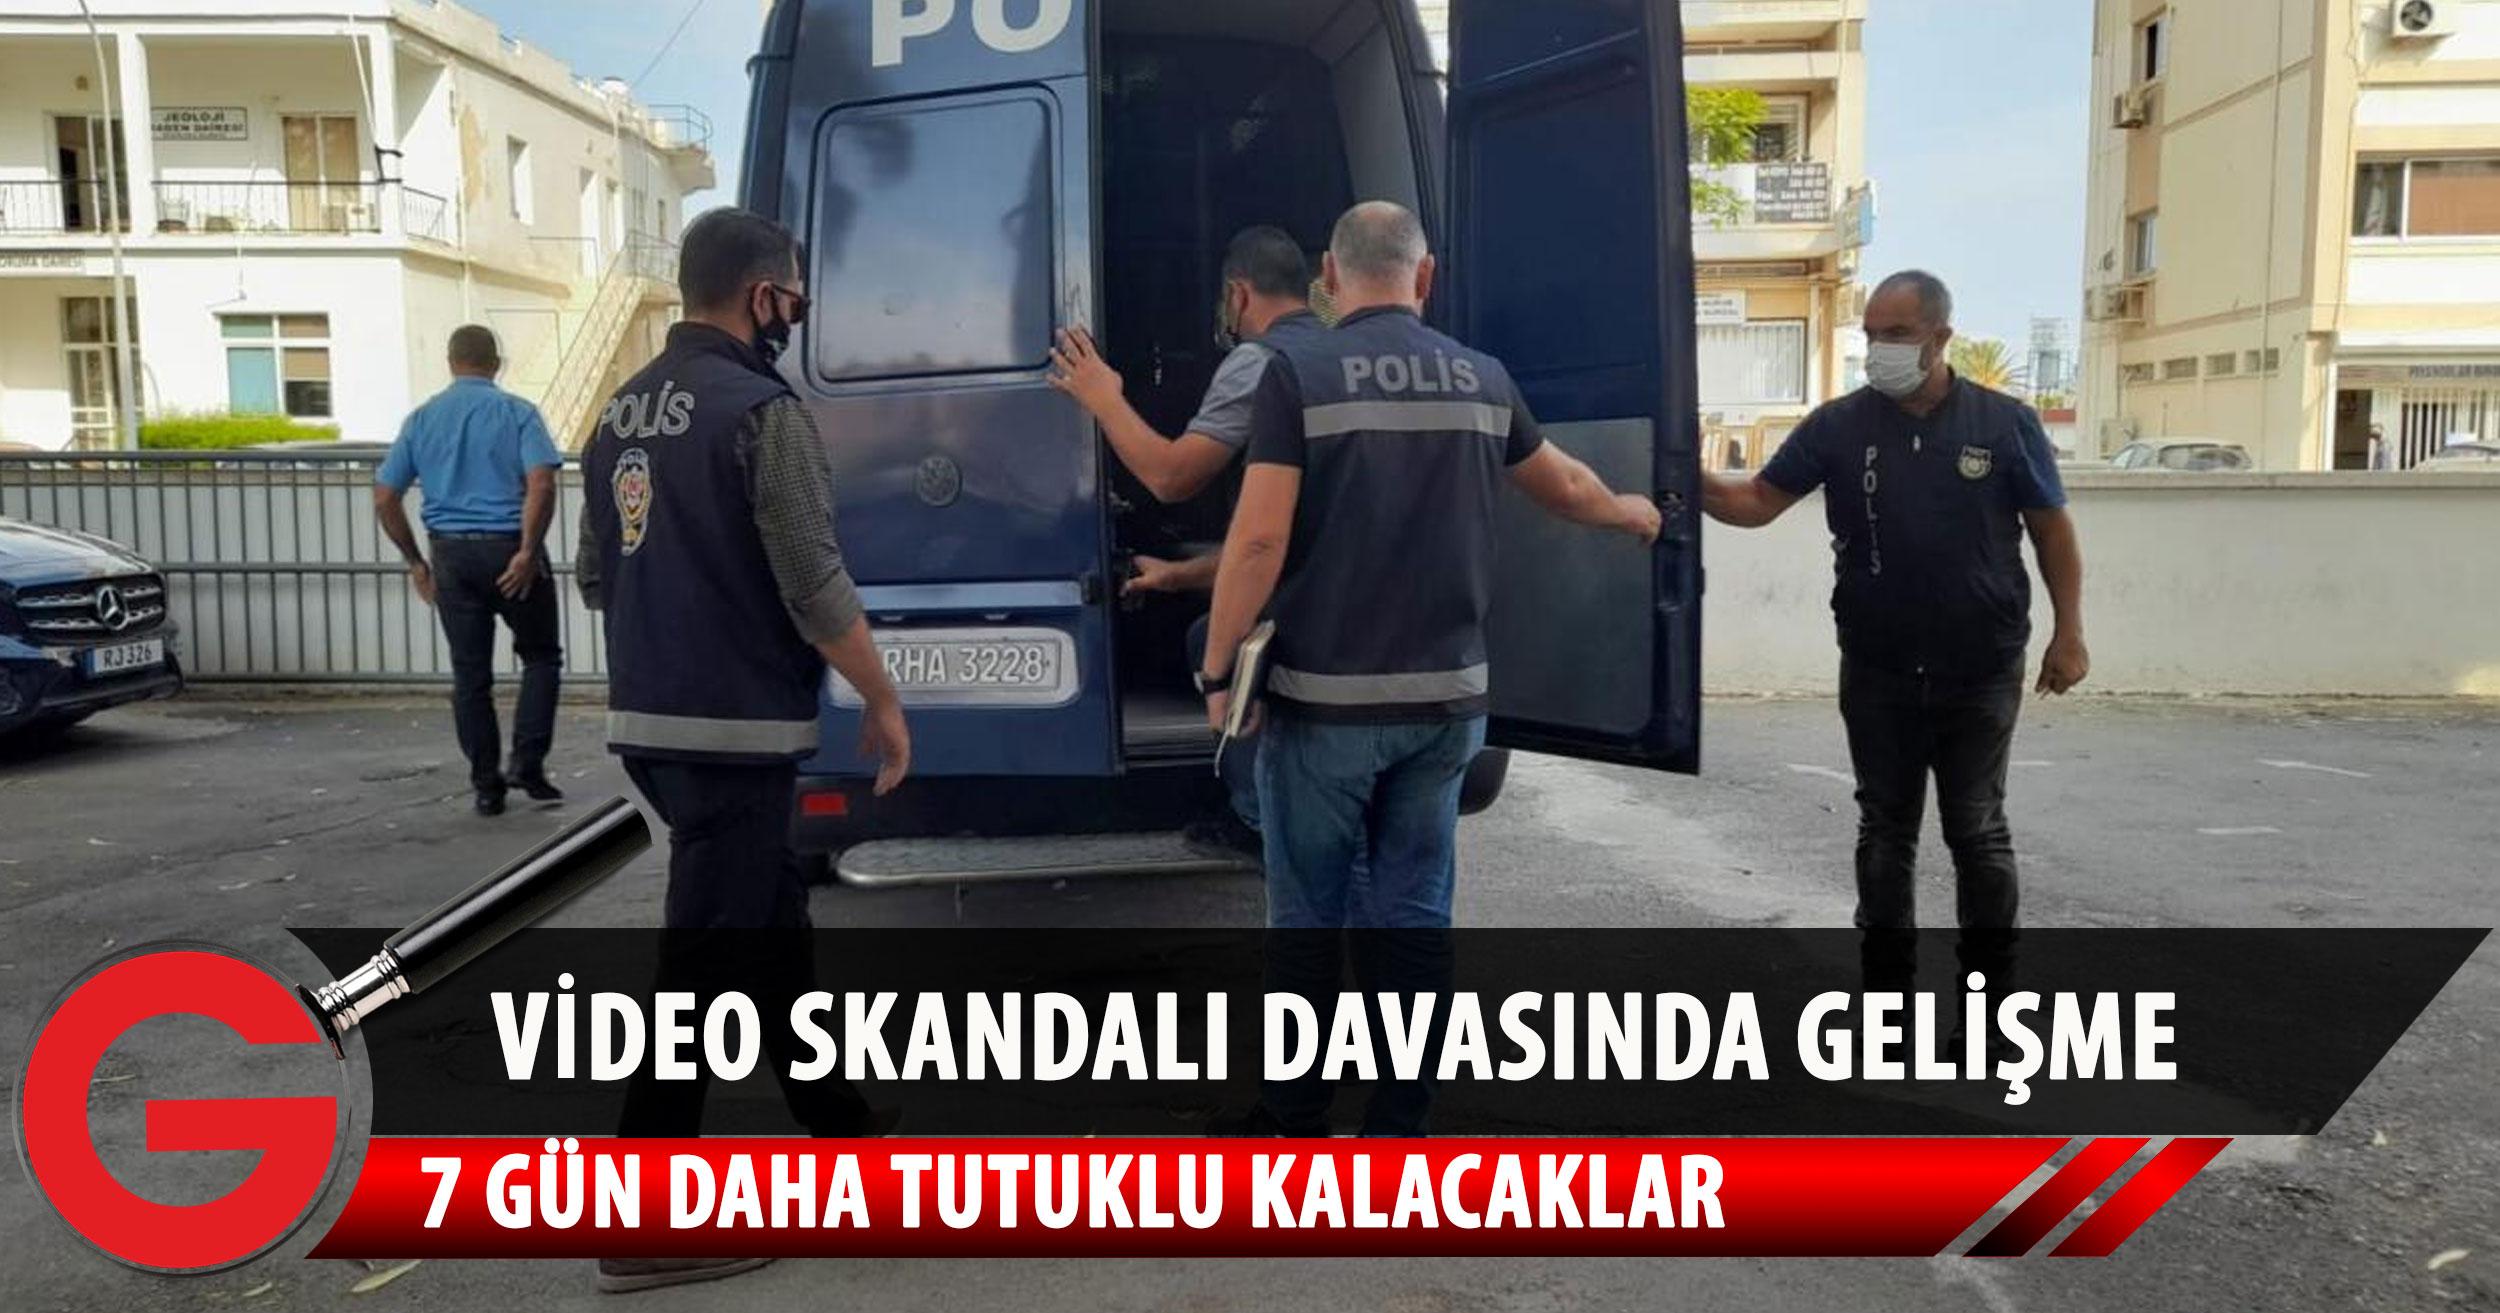 Skandal video davasında zanlılara ek tutukluluk